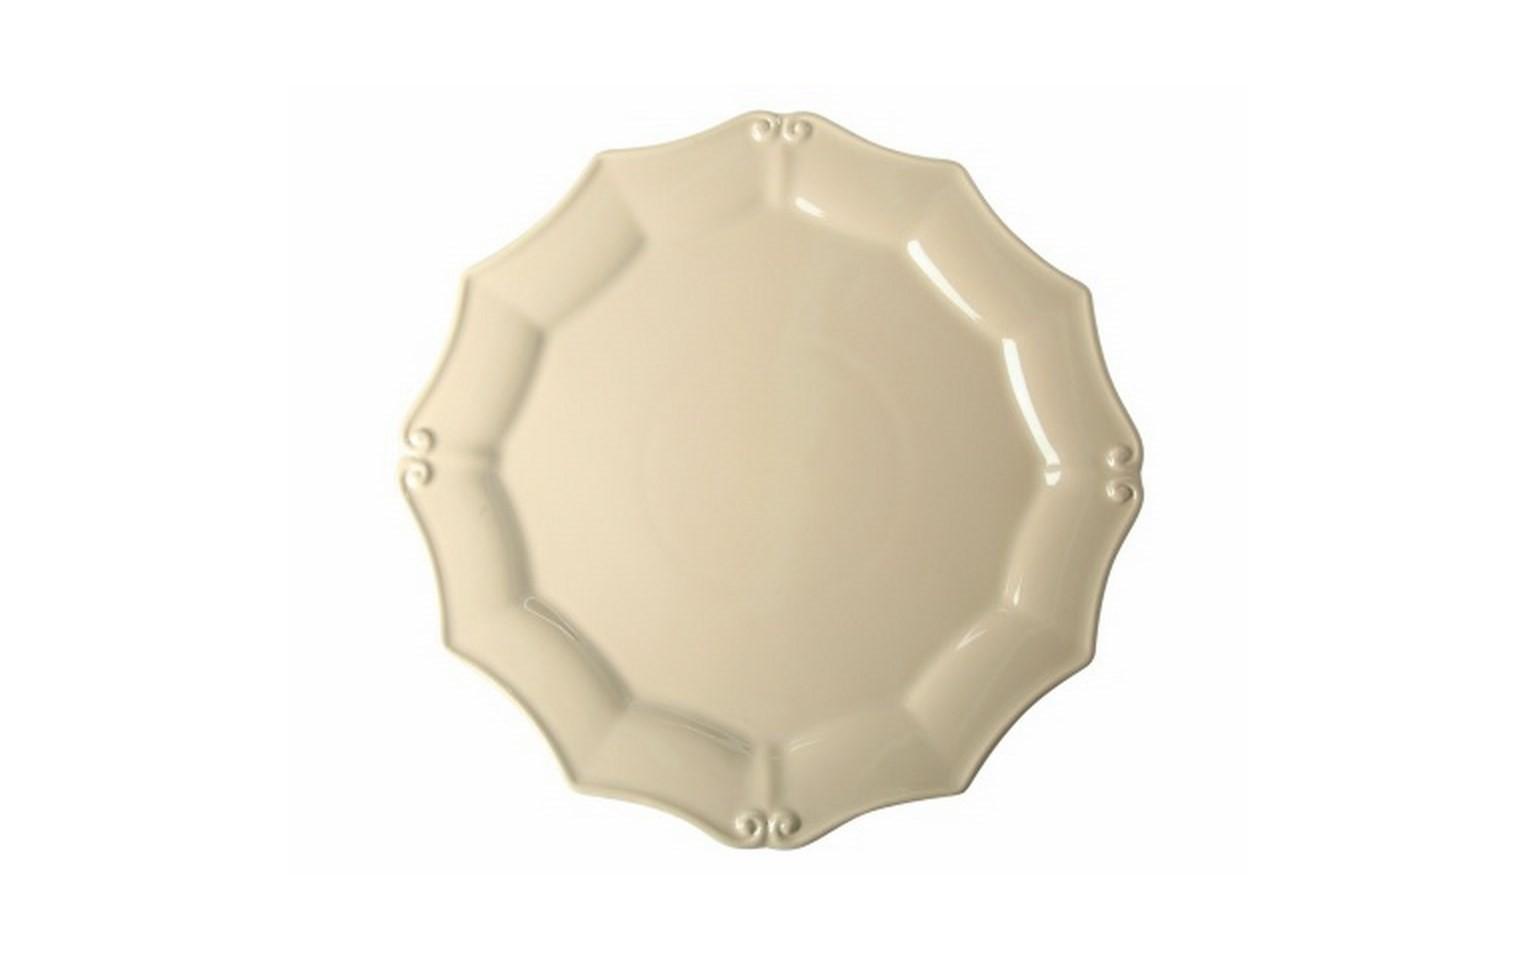 ТарелкаТарелки<br>Costa Nova (Португалия) – керамическая посуда из самого сердца Португалии. Керамическая посуда Costa Nova абсолютно устойчива к мытью, даже в посудомоечной машине, ее вполне можно использовать для замораживания продуктов и в микроволновой печи, при этом можно не бояться повредить эту великолепную глазурь и свежие краски. Такую посуду легко мыть, при ее очистке можно использовать металлические губки – и все это благодаря прочному глазурованному покрытию. Все серии посуды от Costa Nova отвечают международным стандартам качества. Керамическая посуда от Costa Nova не содержит такие вещества, как свинец и кадмий.<br><br>Material: Керамика<br>Diameter см: 36